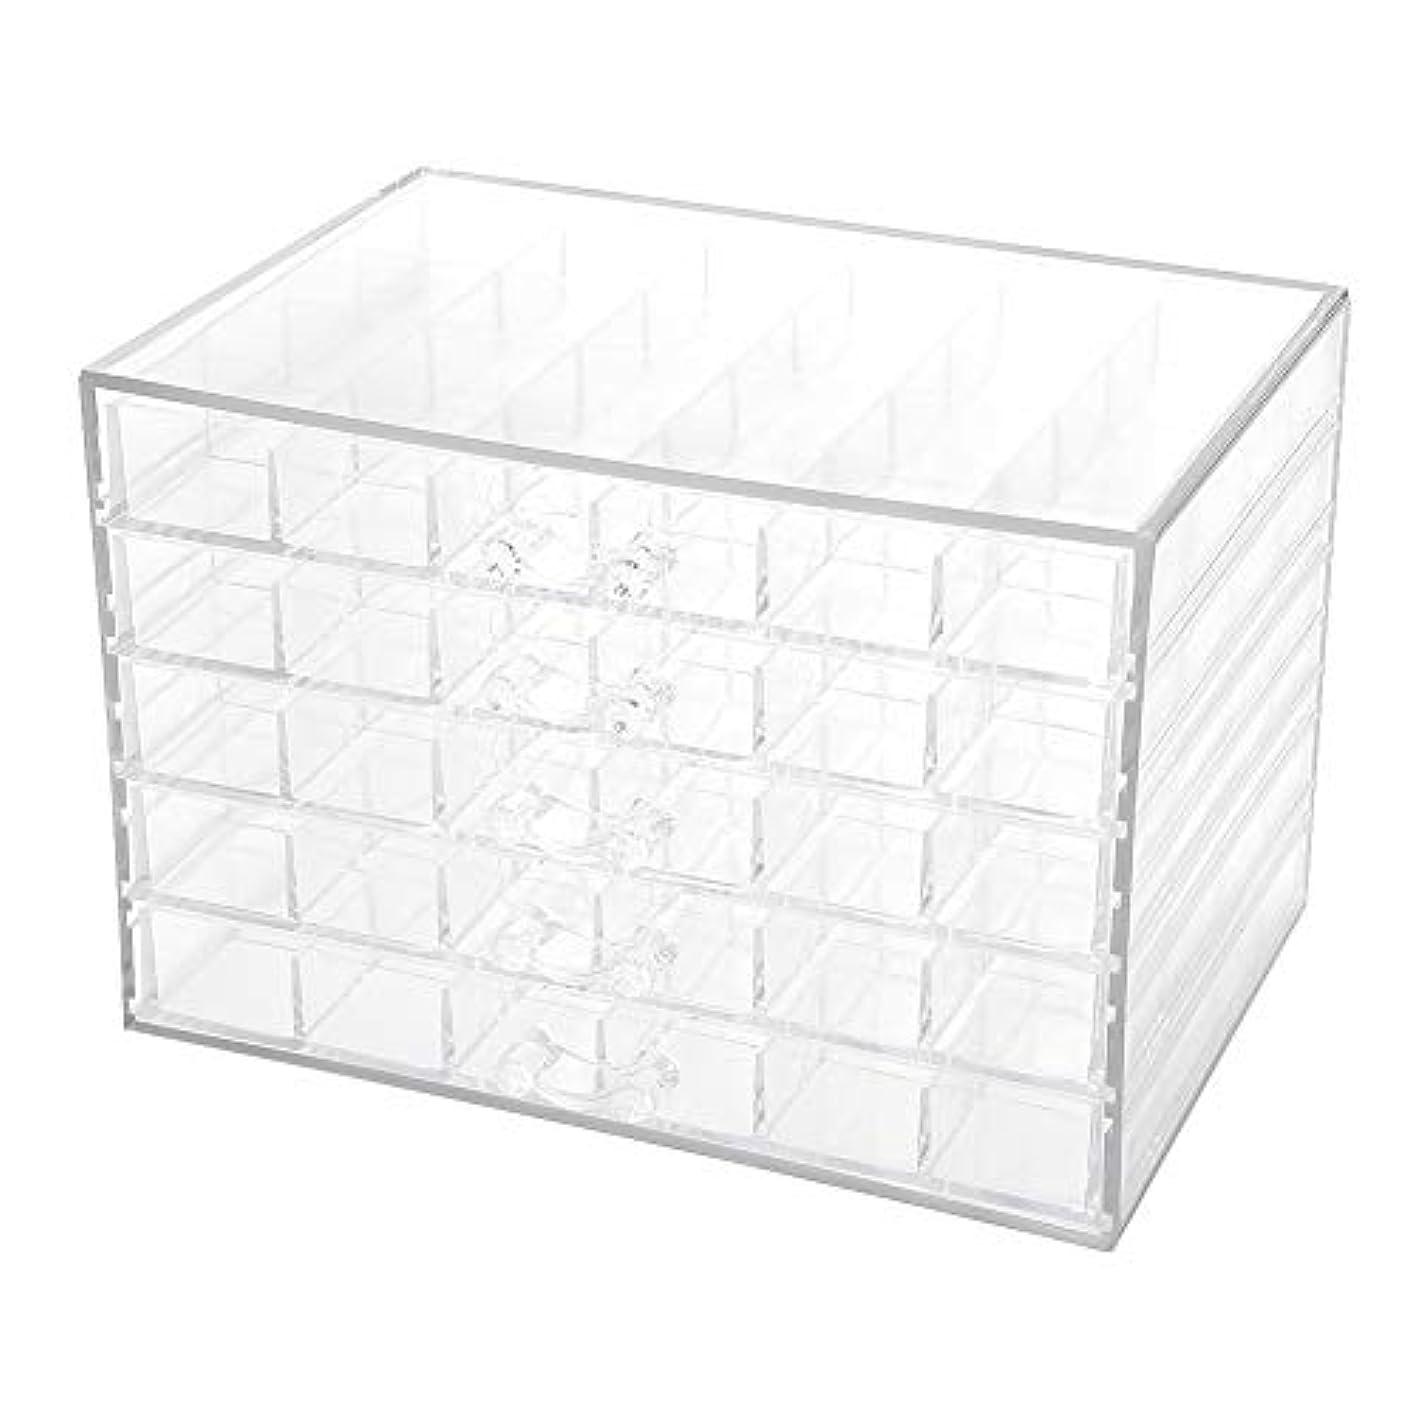 不規則性状スリップシューズネイルデコレーション収納ボックス、120グリッドネイルデコレーションシーケンス整理ボックス透明な空のネイルアート収納ボックス、ネイルアート整理ボックス